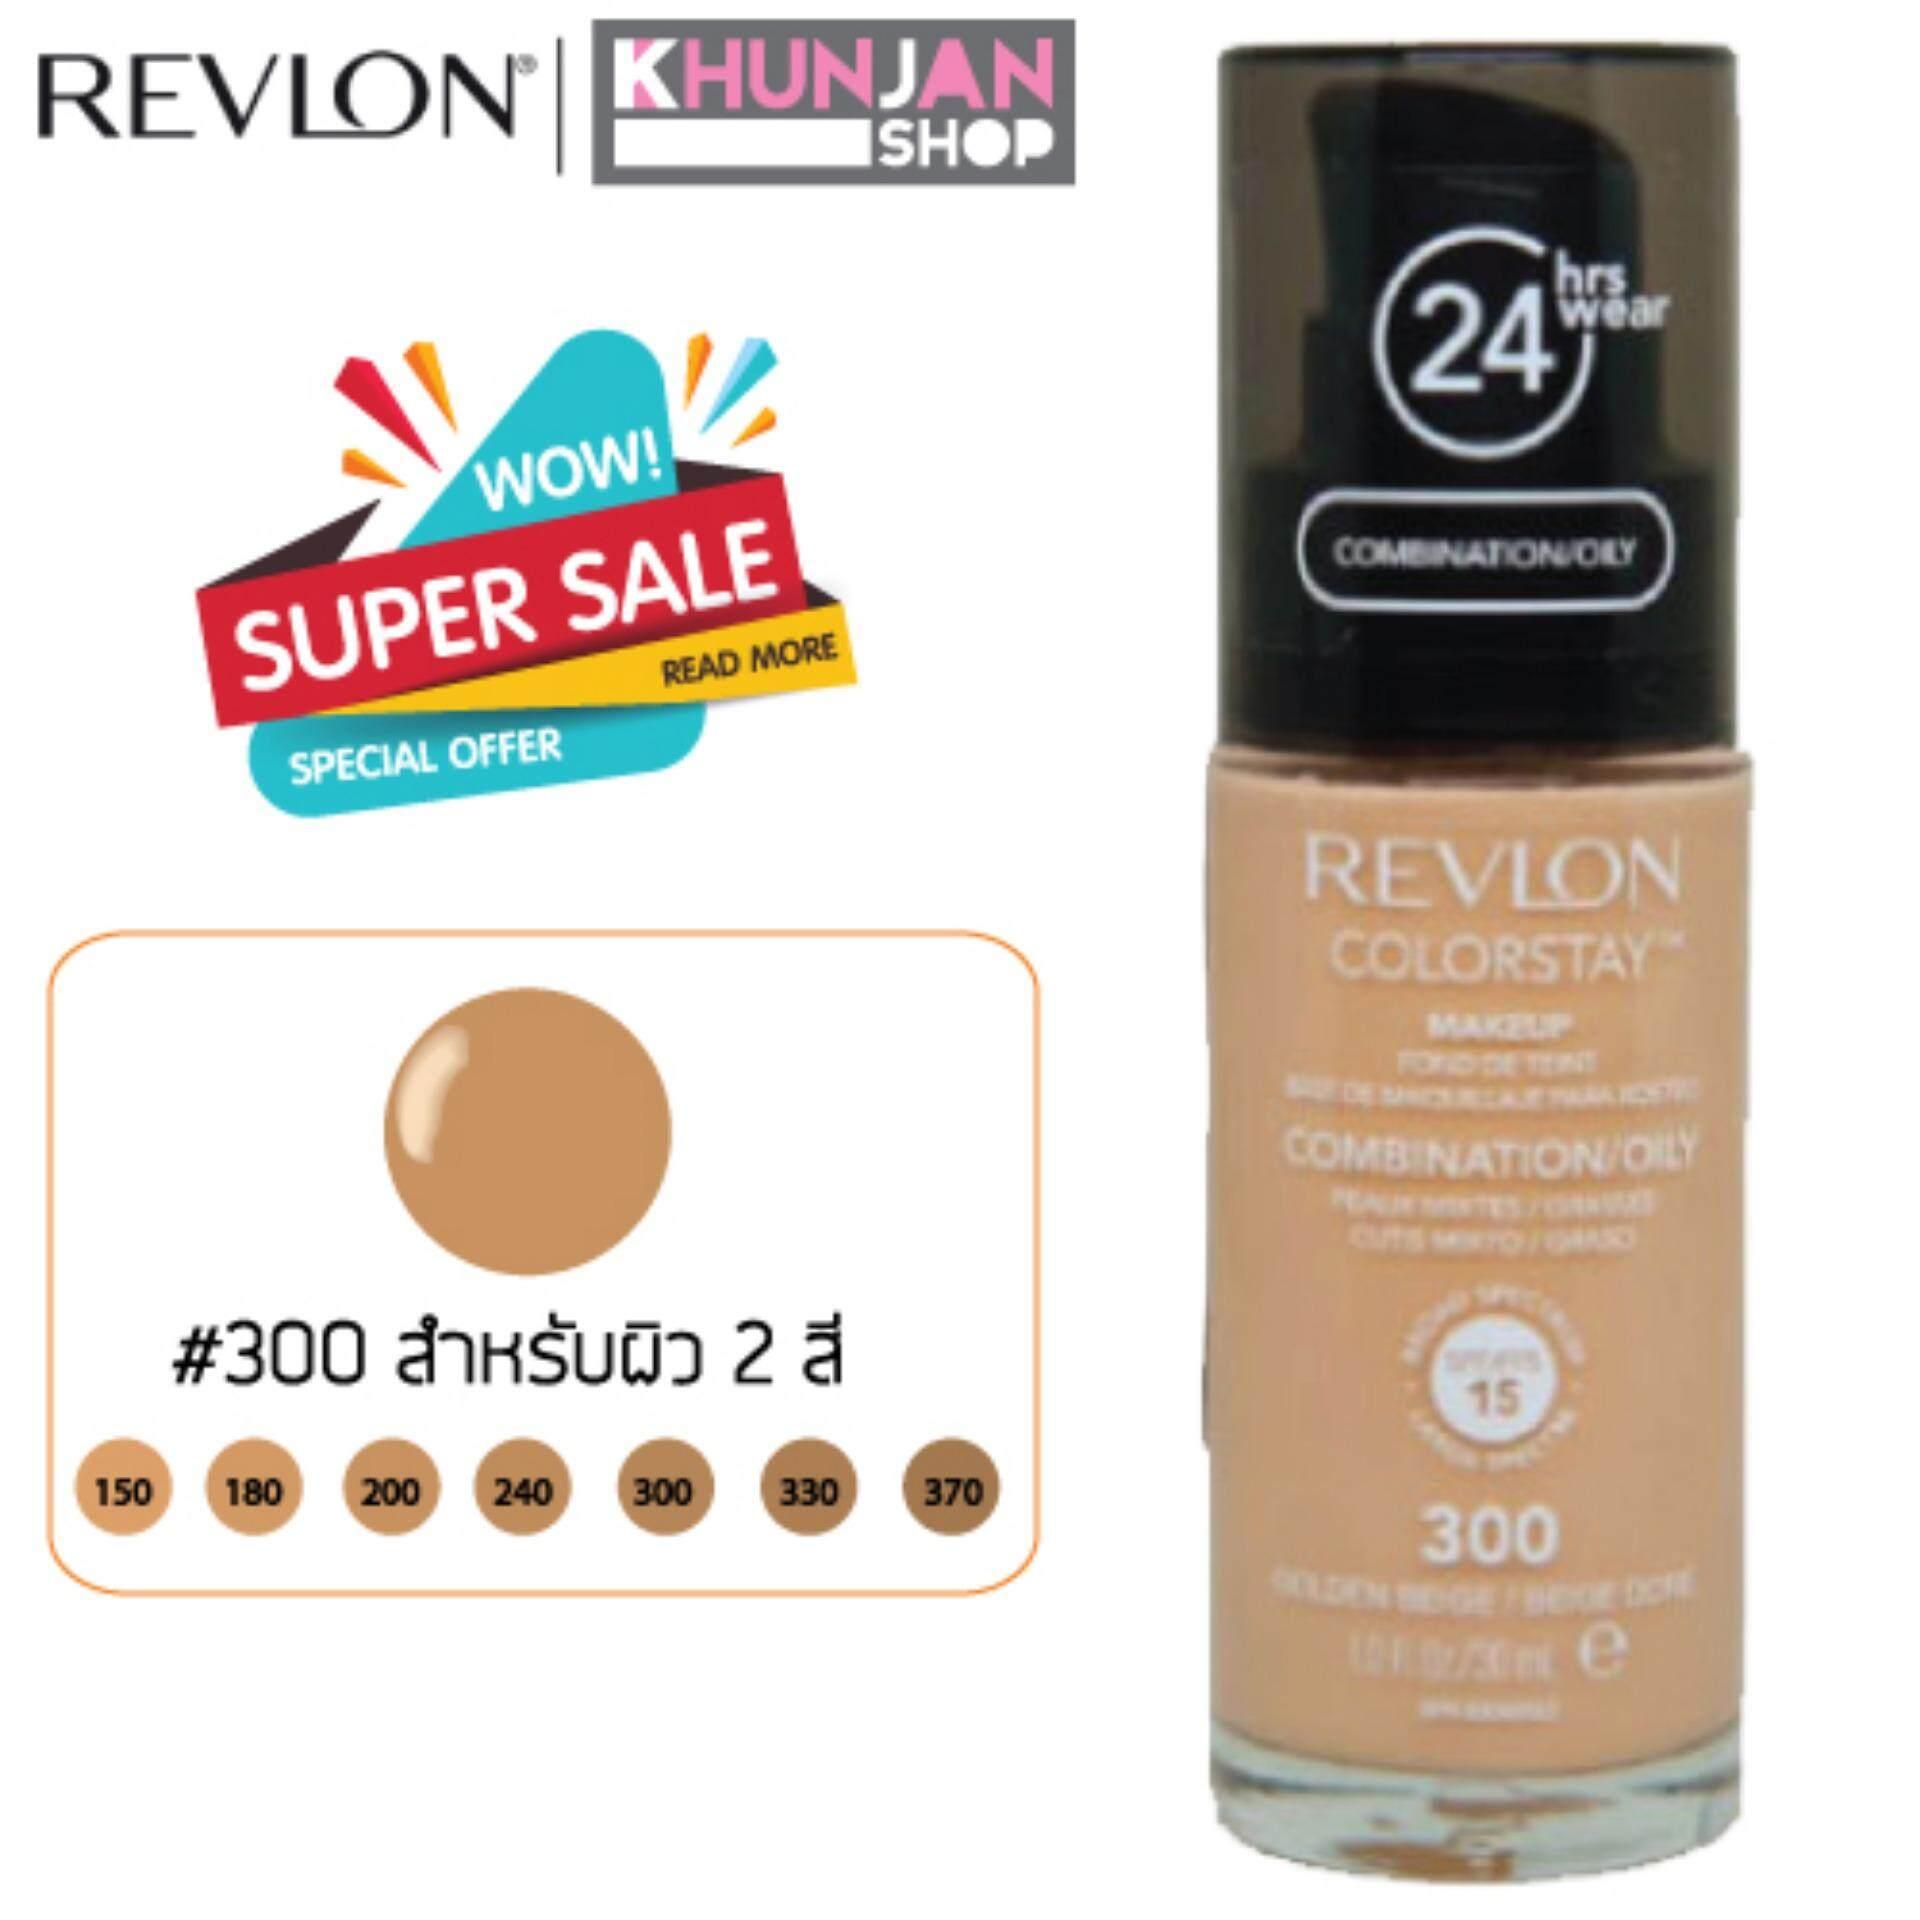 ขาย รองพื้นเรฟลอน Revlon Color Stay เบอร์ 300 Golden Beige ผลิตปี 2560 Revlon ออนไลน์